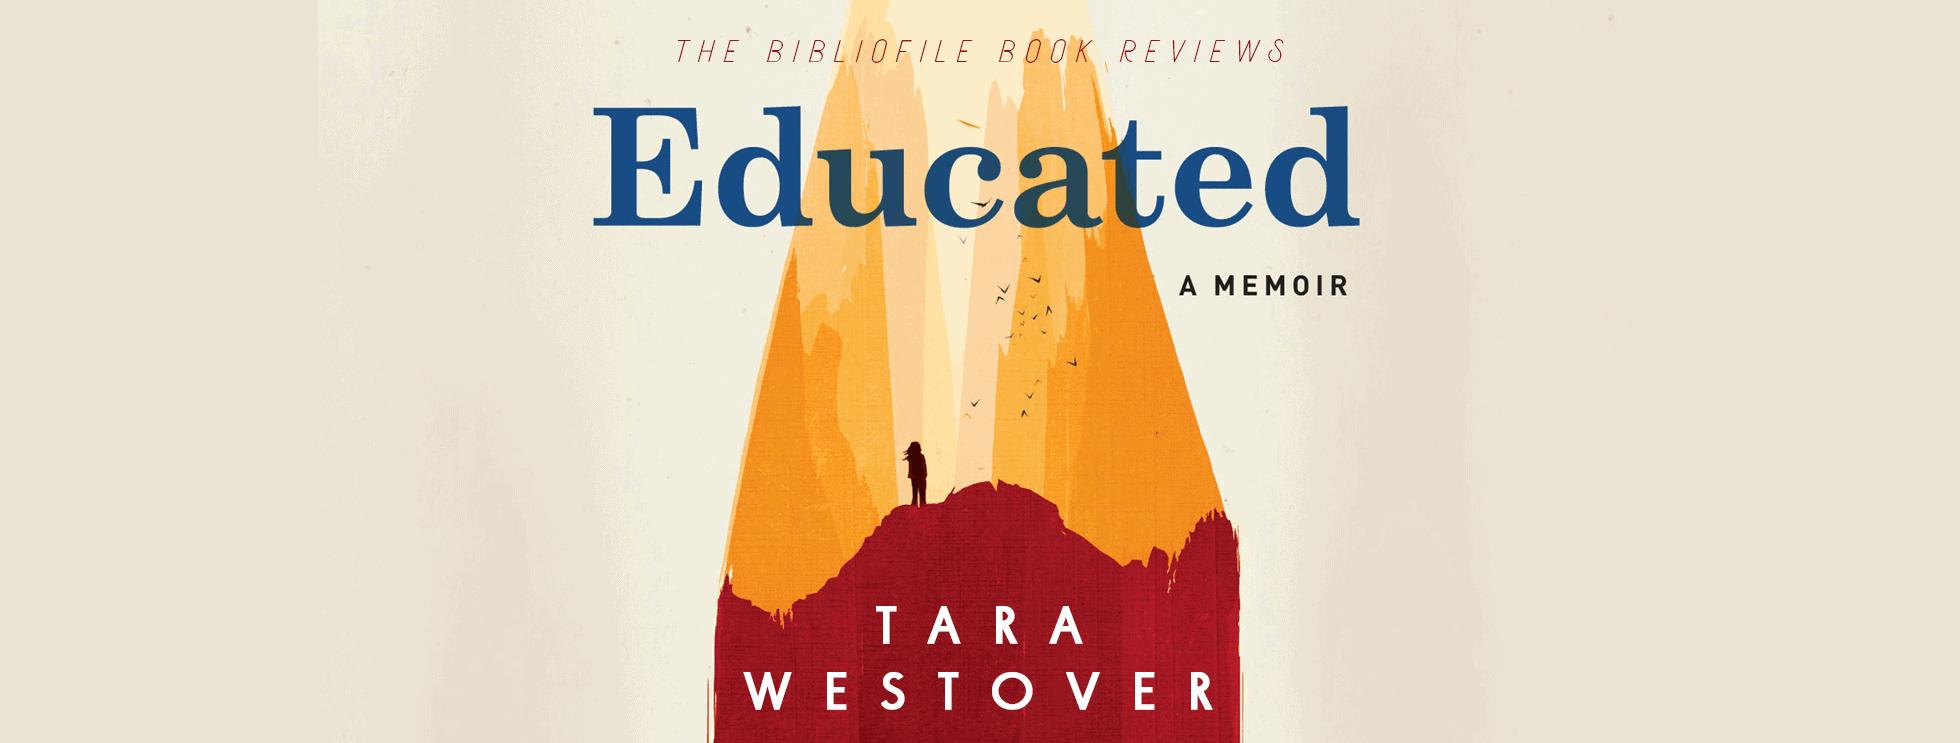 educated tara westover book review family response